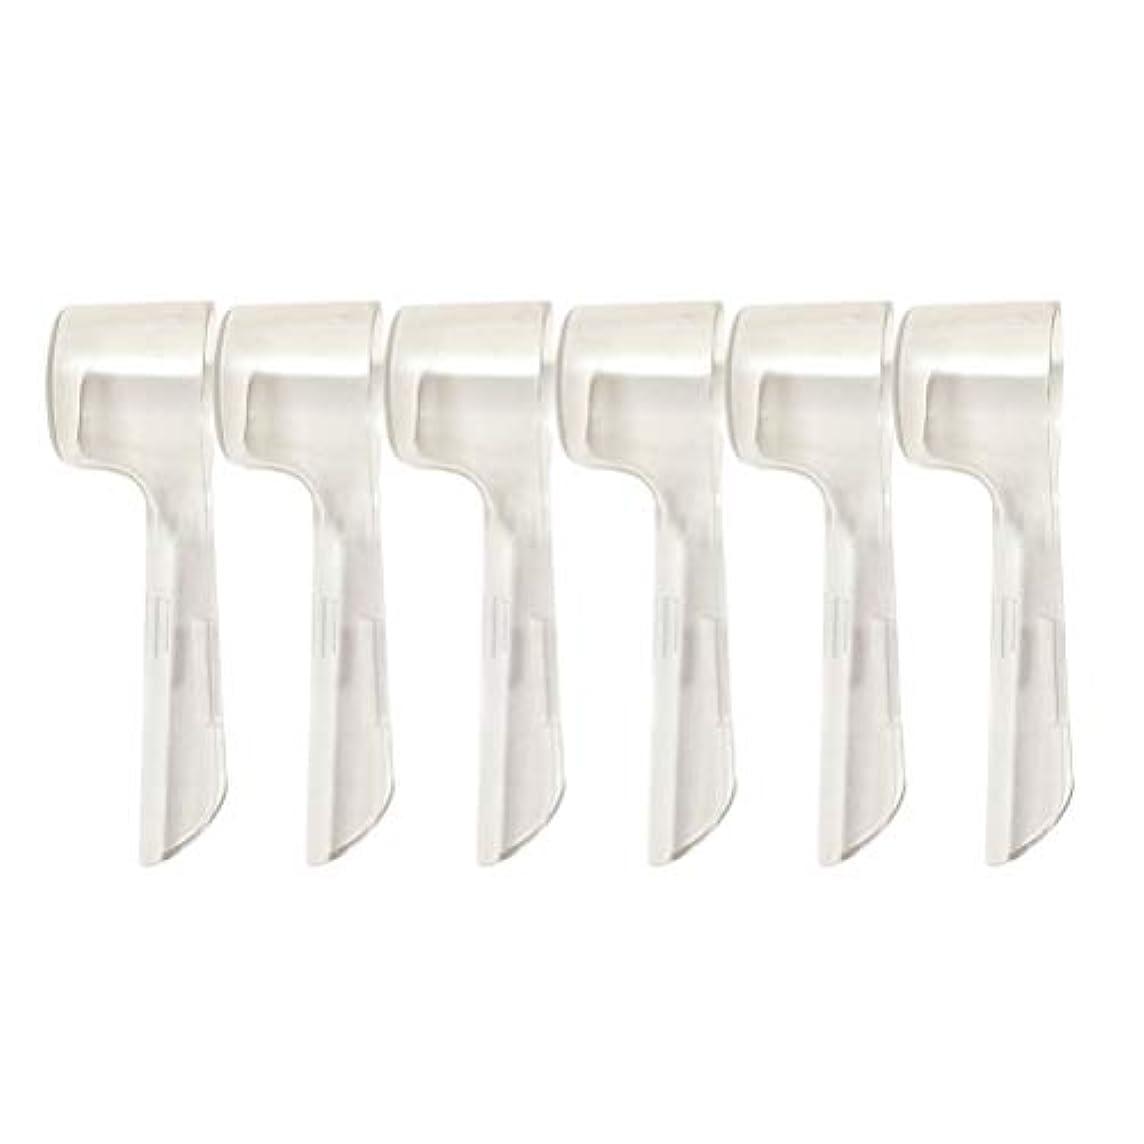 しわ独立計器Healifty 10本の歯ブラシカバー電動歯ブラシは旅行やその他の衛生に便利です。